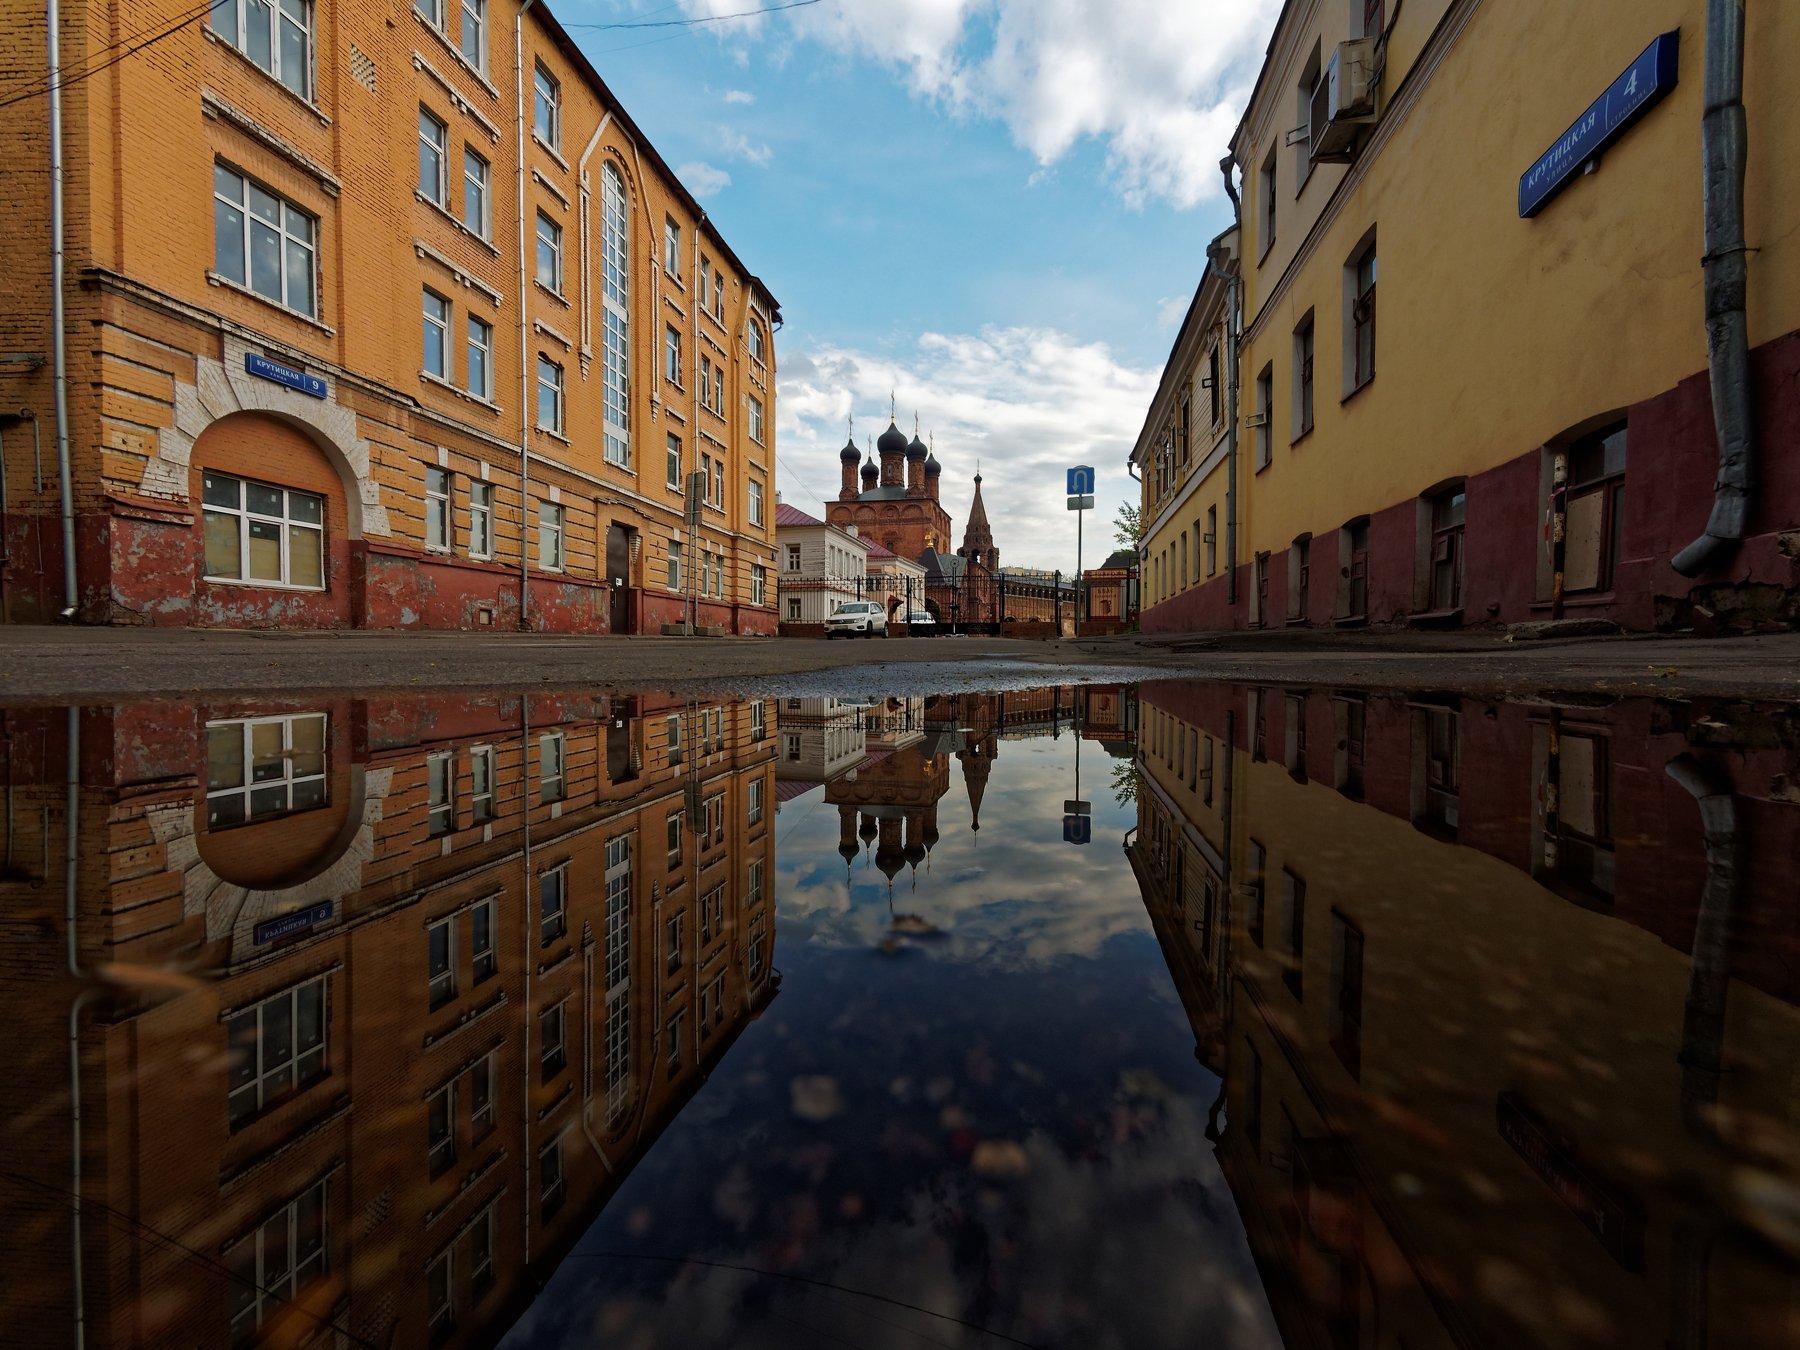 город, Москва, улица, архитектура, отражение, прогулка, храм, , Конев Сергей